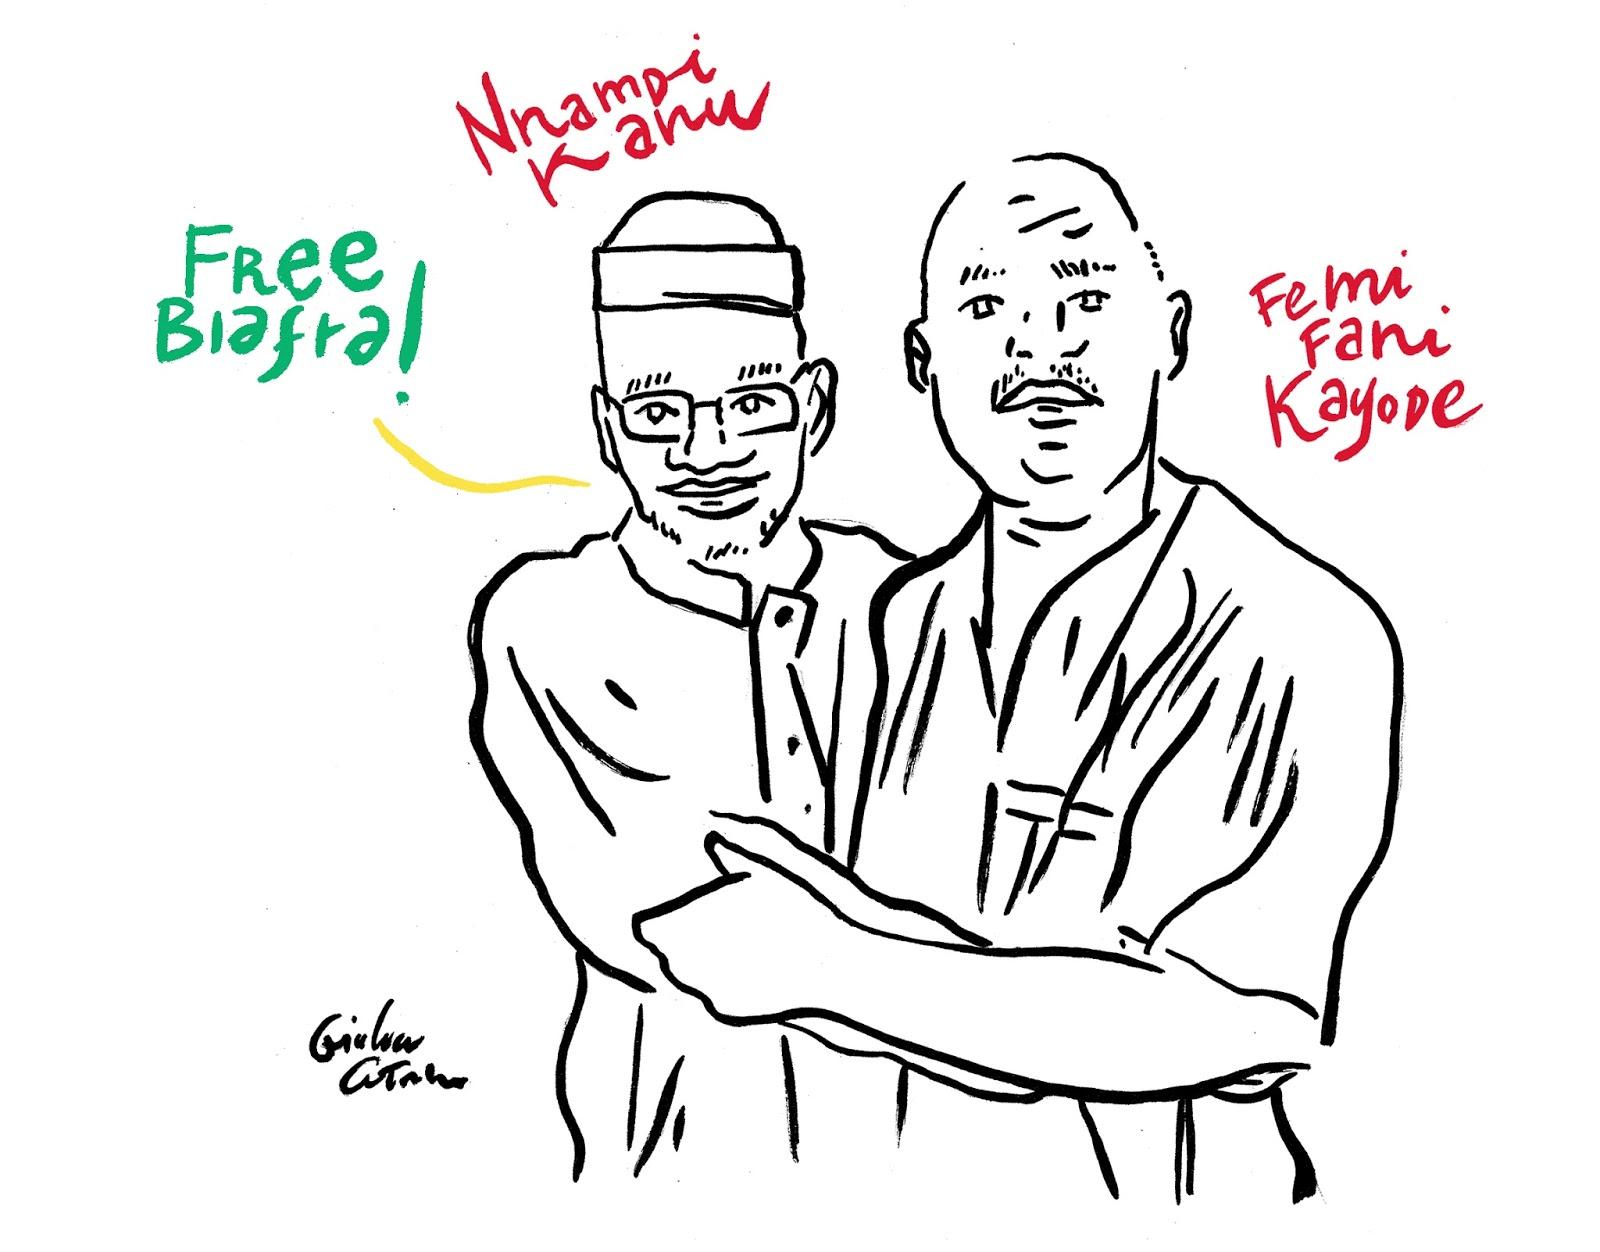 Channeldraw: Nnamdi Kanu and Femi Fani-Kayode